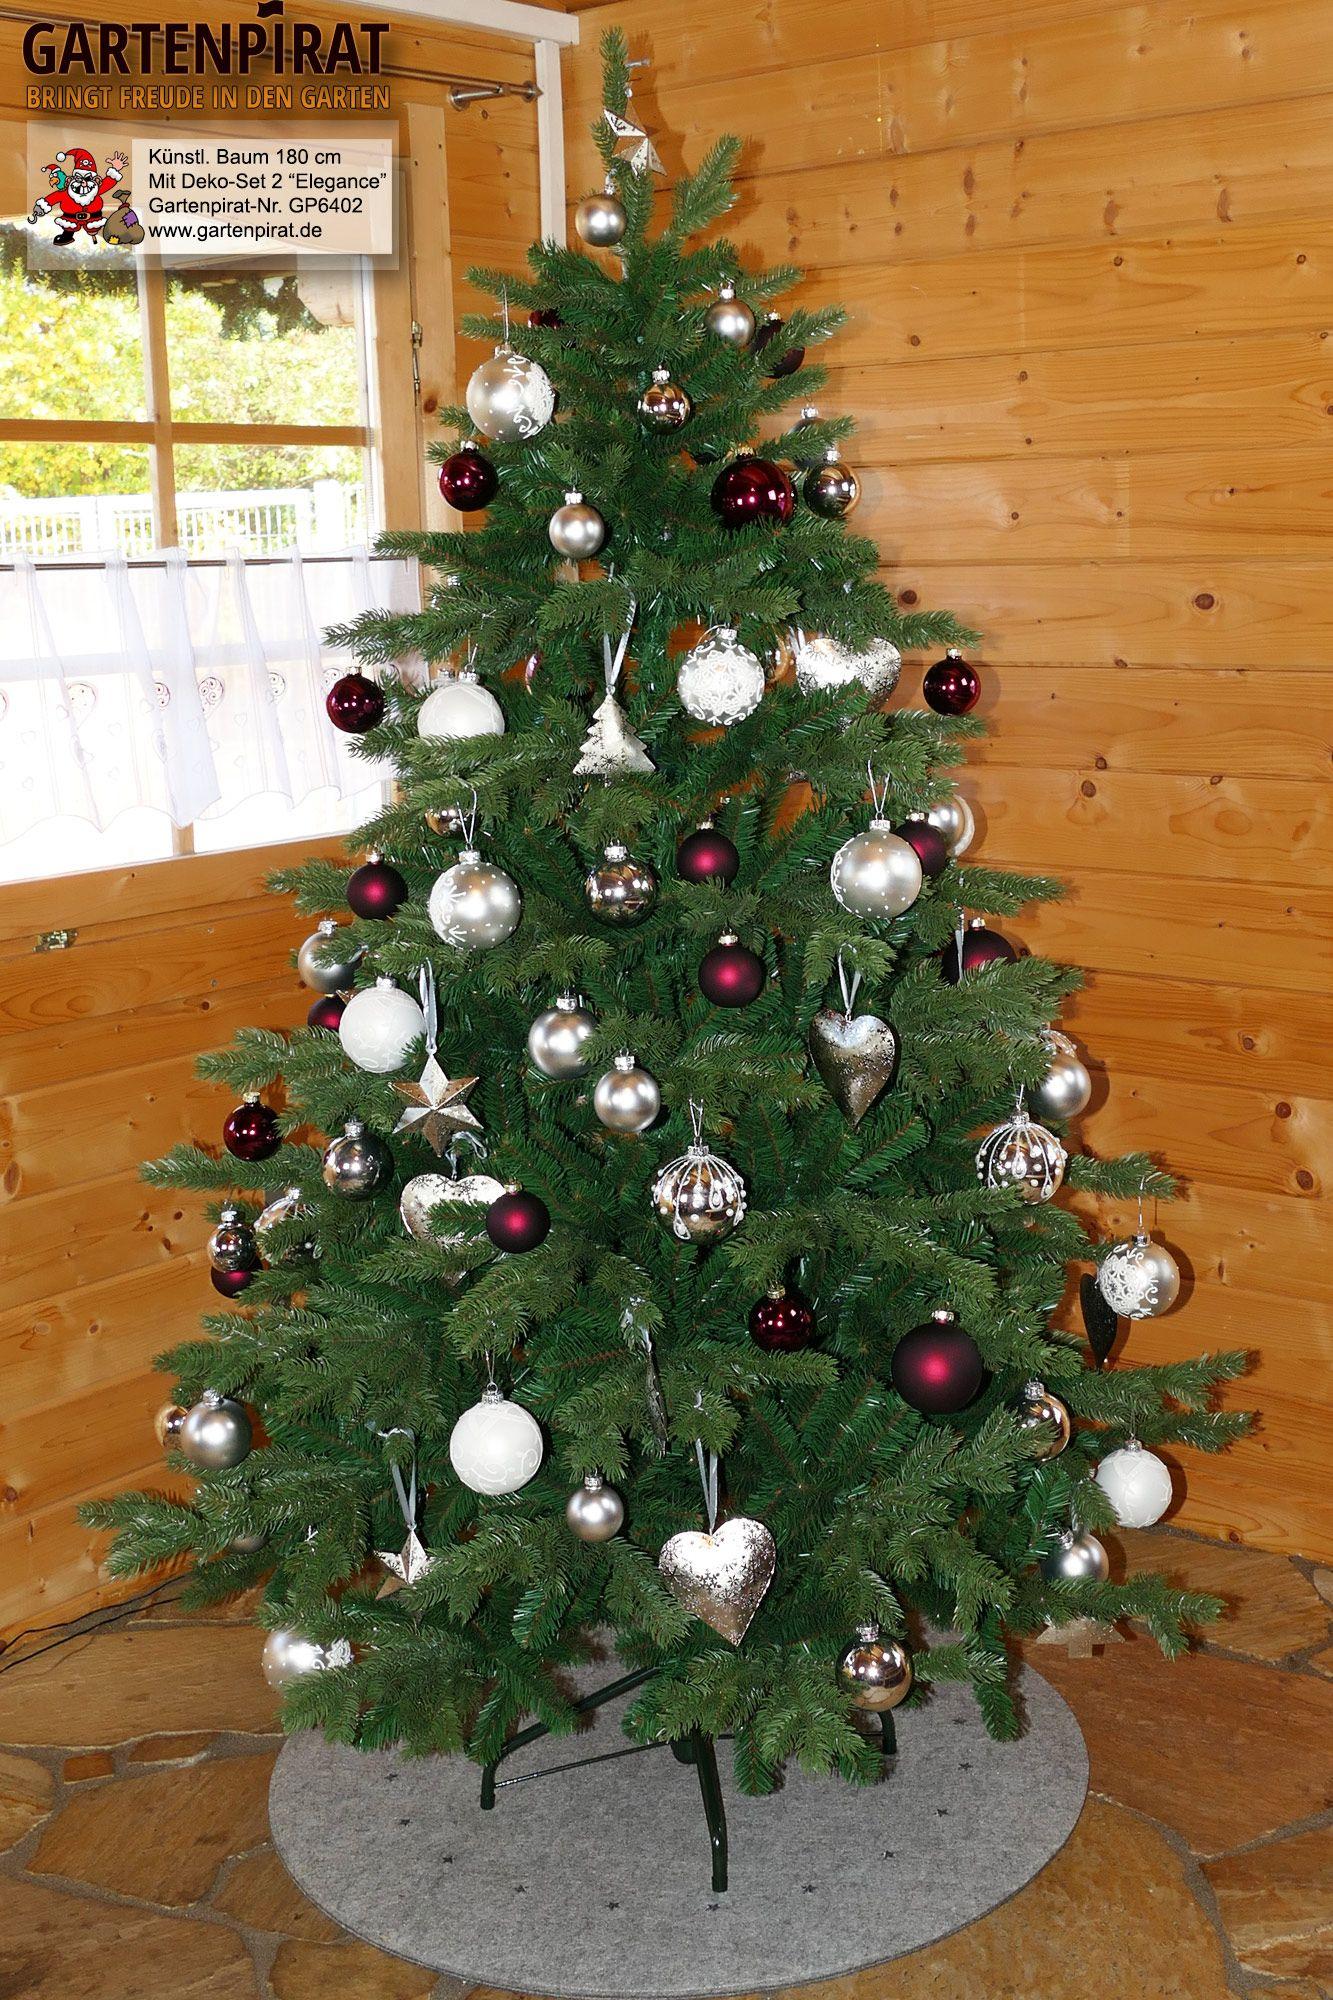 #christbaumschmuck Set mit #christbaumkugeln  Modell 2: Elegance  #Weihnachtsbaum künstlich 180 cm mit #Baumdeko-Set #2 Elegance-Style. Der weihnachtsbaumschmuck ist als Komplett-Set im Gartenpirat-Shop für Weihnachtsdekoration und Weihnachtsbeleuchtung erhältlich.  Den passenden künstlichen Weihnachtsbaum 180 cm haben wir in 4 Nadelarten  #deko #idee #weihnachten2018 #weihnachtsdekoimglasmitkugeln